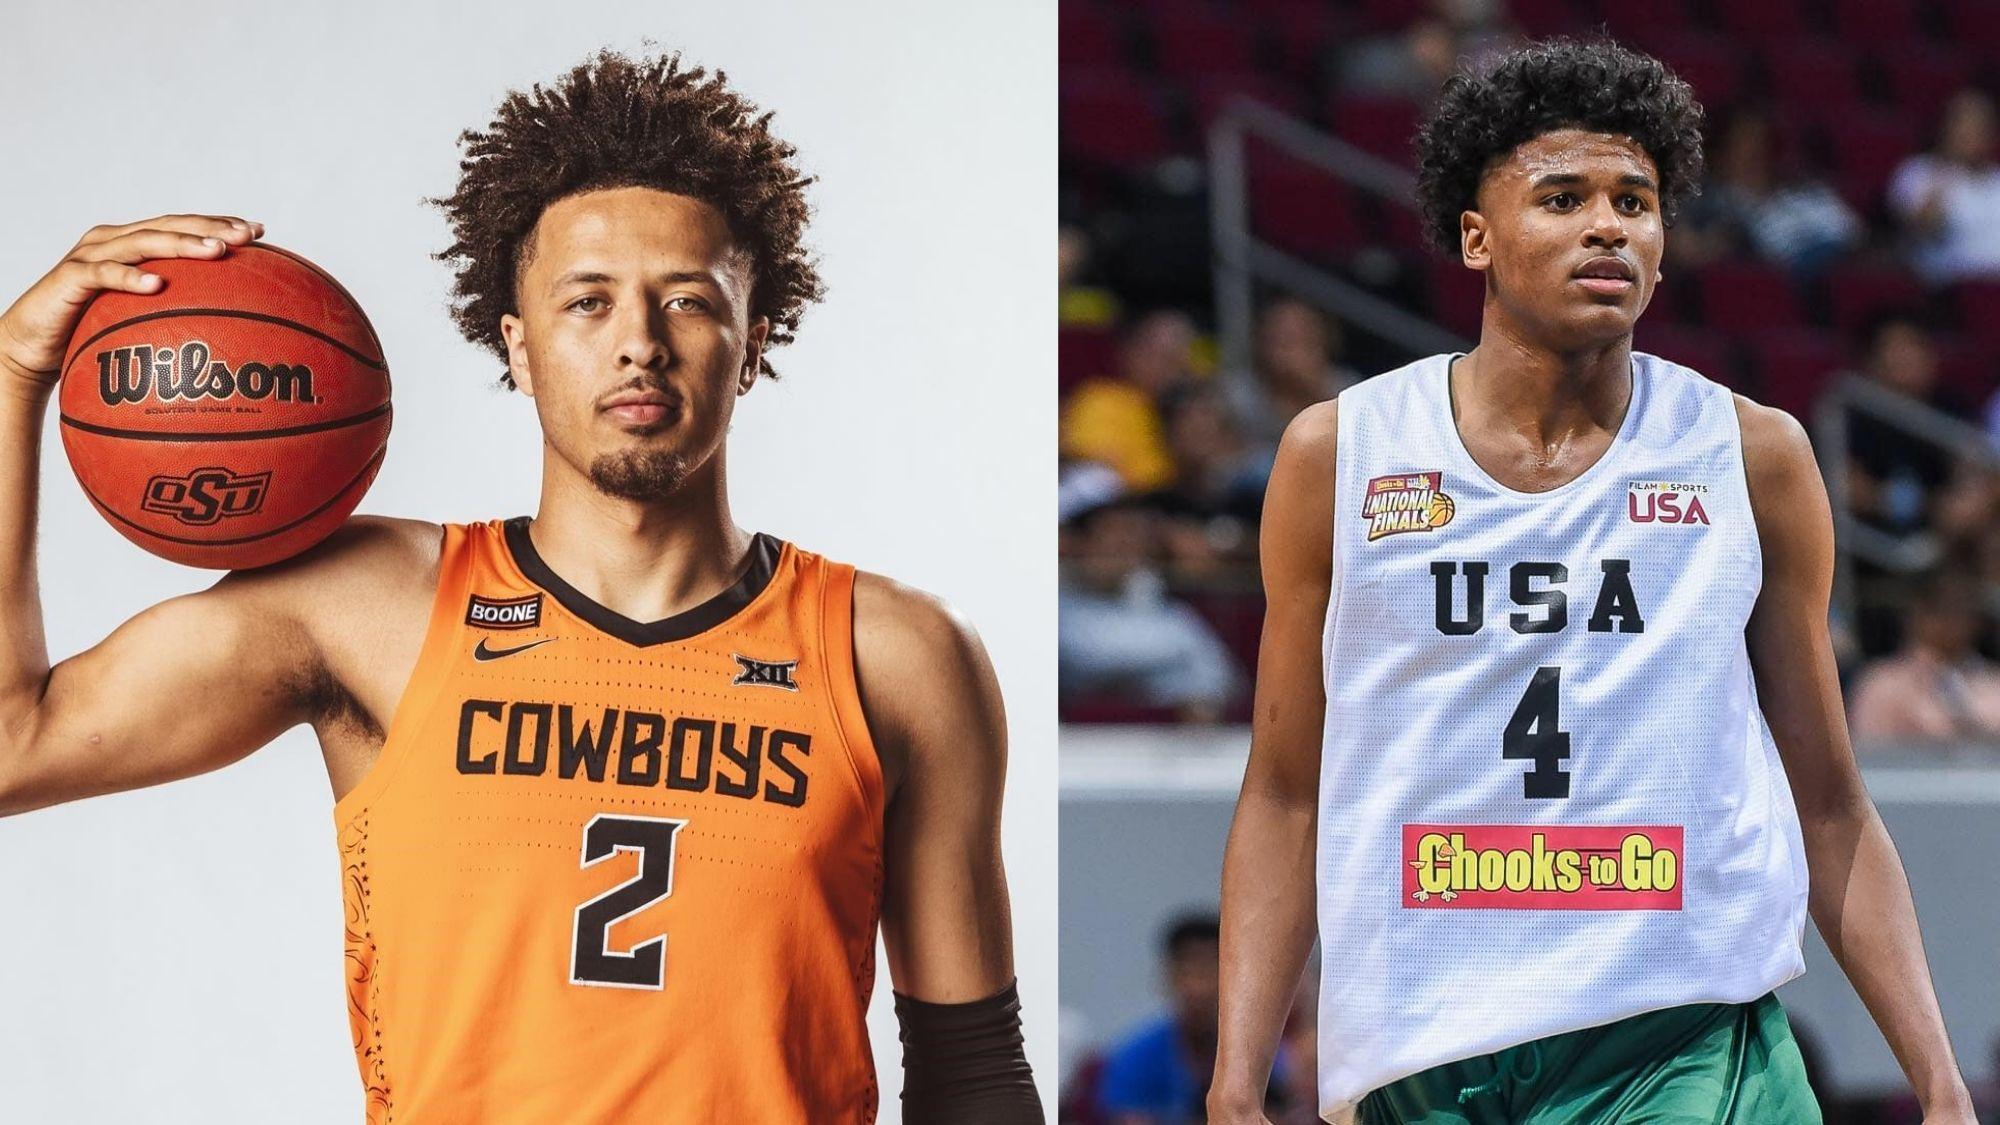 Cade Cunningham tops 2021 NBA Draft class, Fil-am sensation Jalen Green goes No. 2 edited by Opinyon